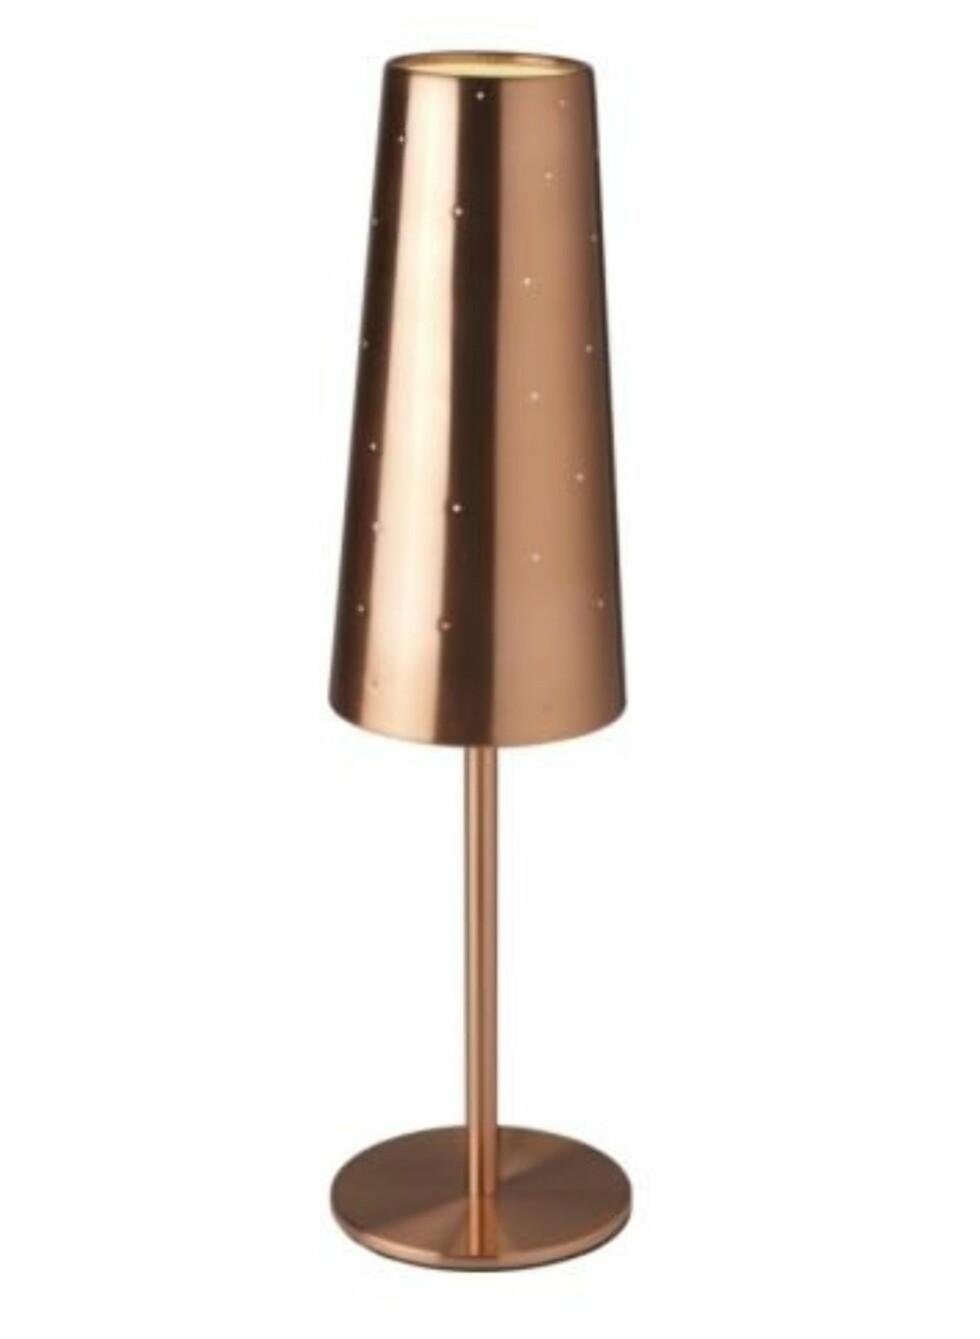 Bronsefarget bordlampe i stål. Passer godt på et sidebord til sofaen (h60cm, fra Ikea, kr 290.